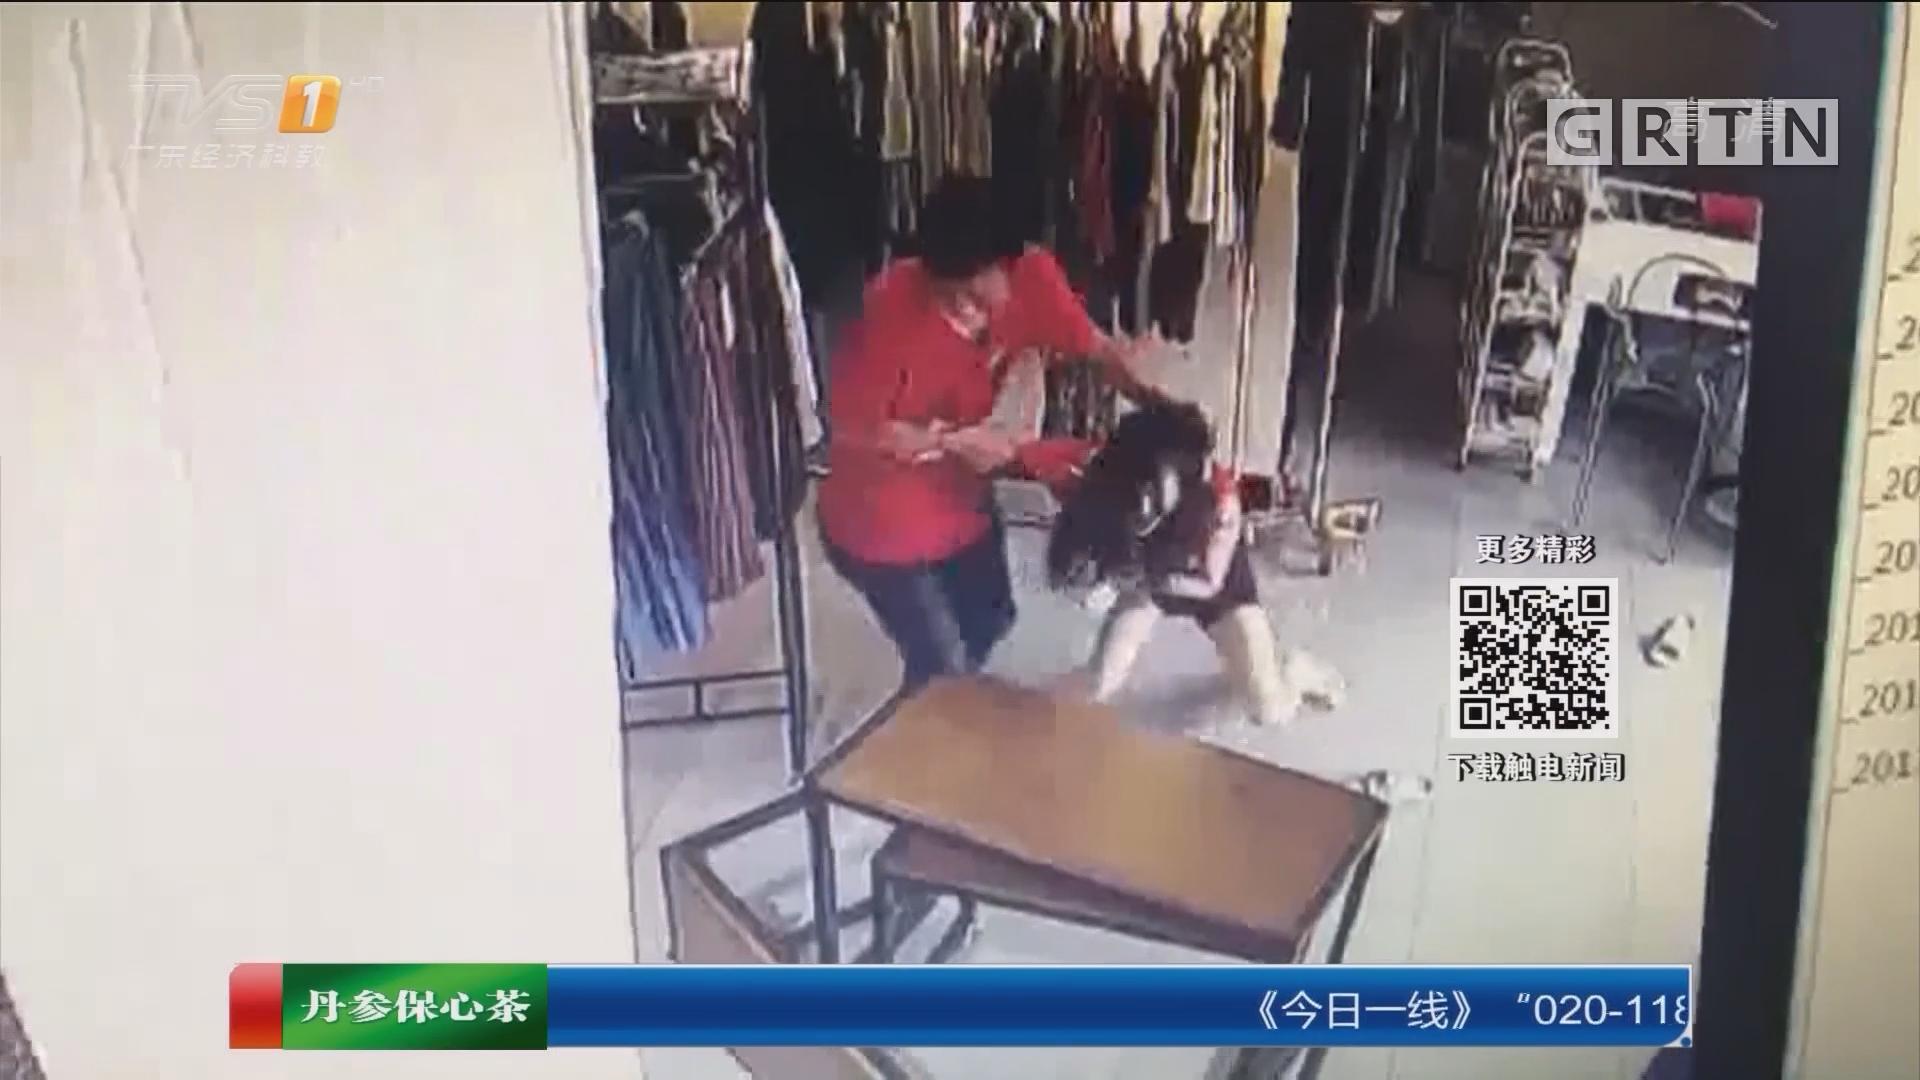 东莞石龙:持刀入室劫案告破 警方26小时擒匪